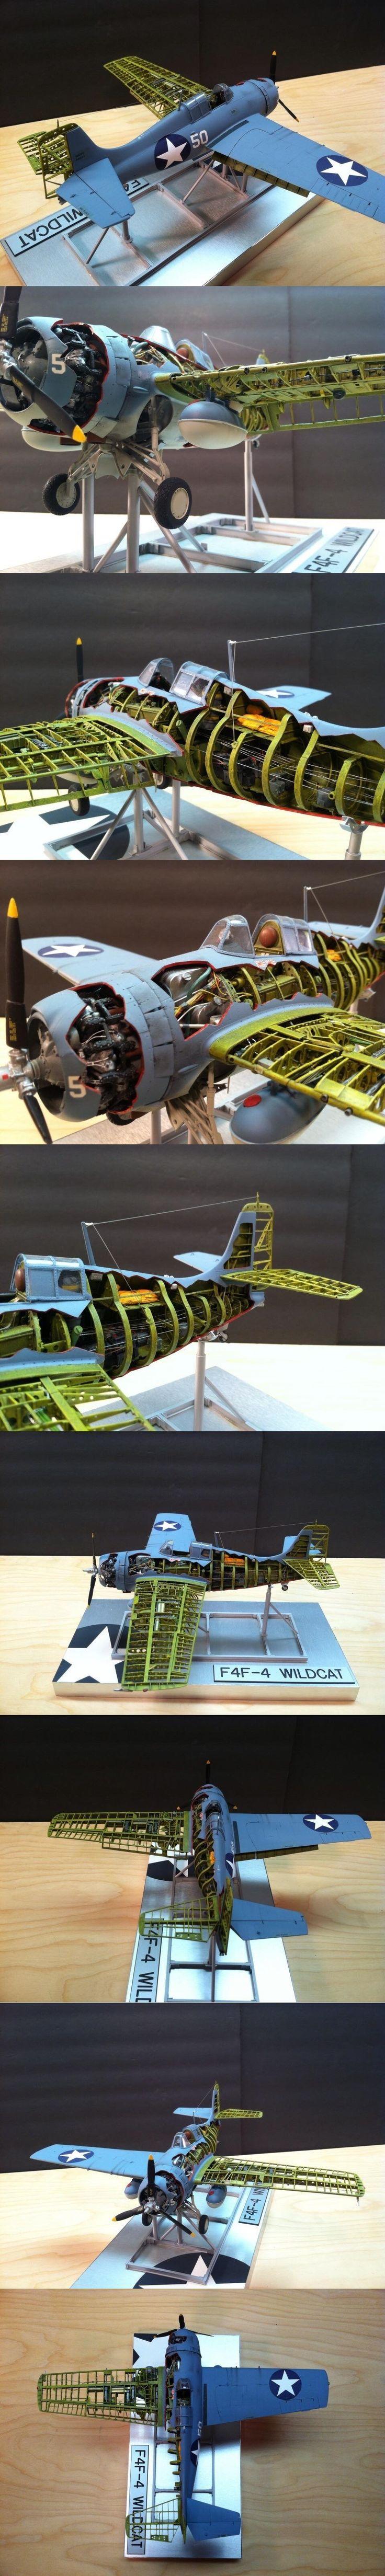 And amazing F4 Wildcat model.